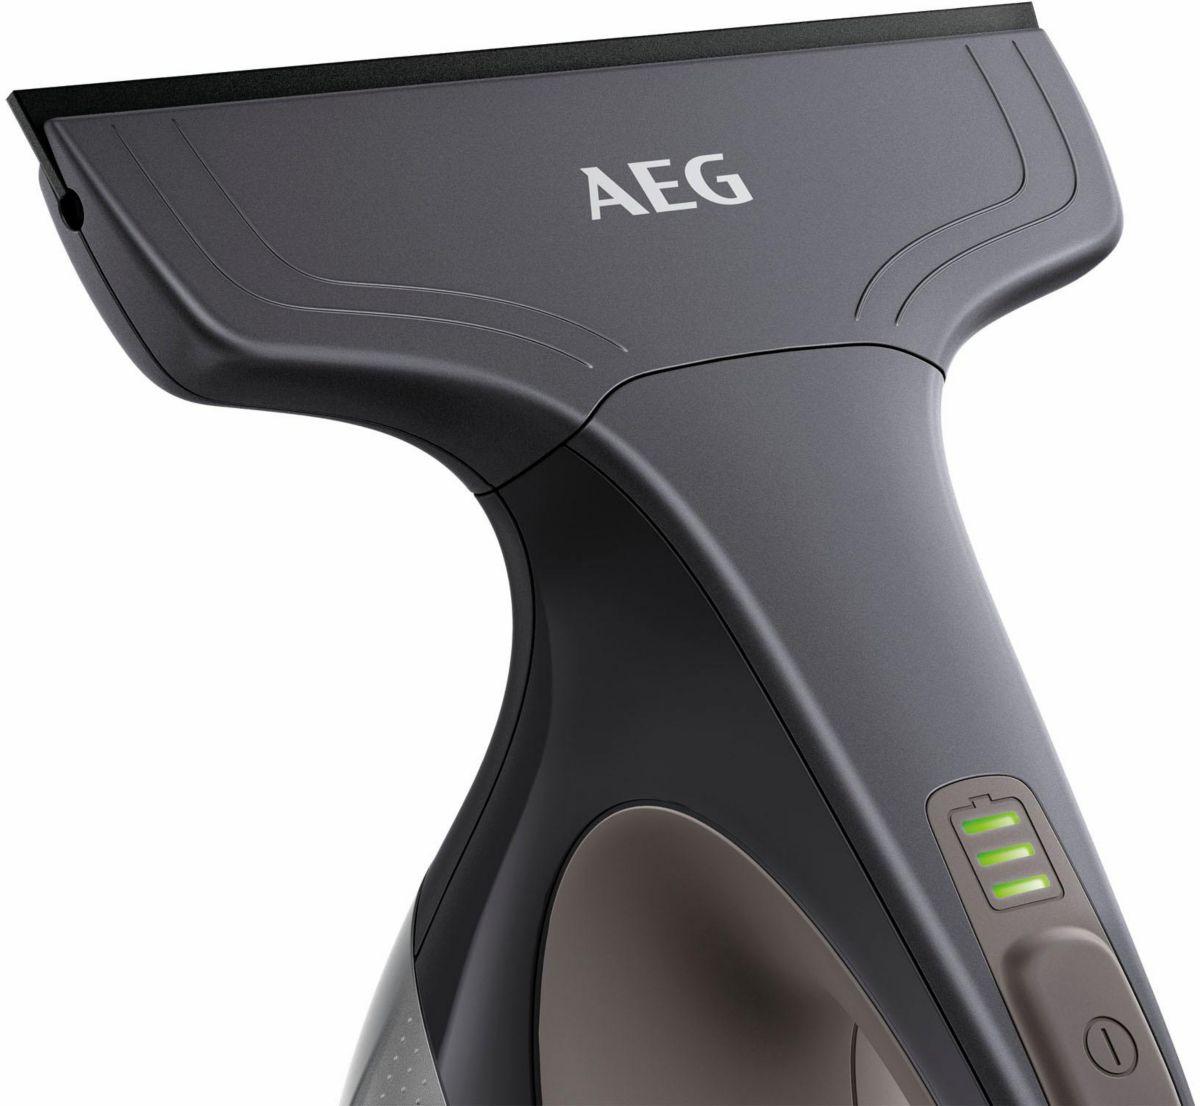 AEG Schmale Saugdüse AEG ABSN 01 für kleine Fen...